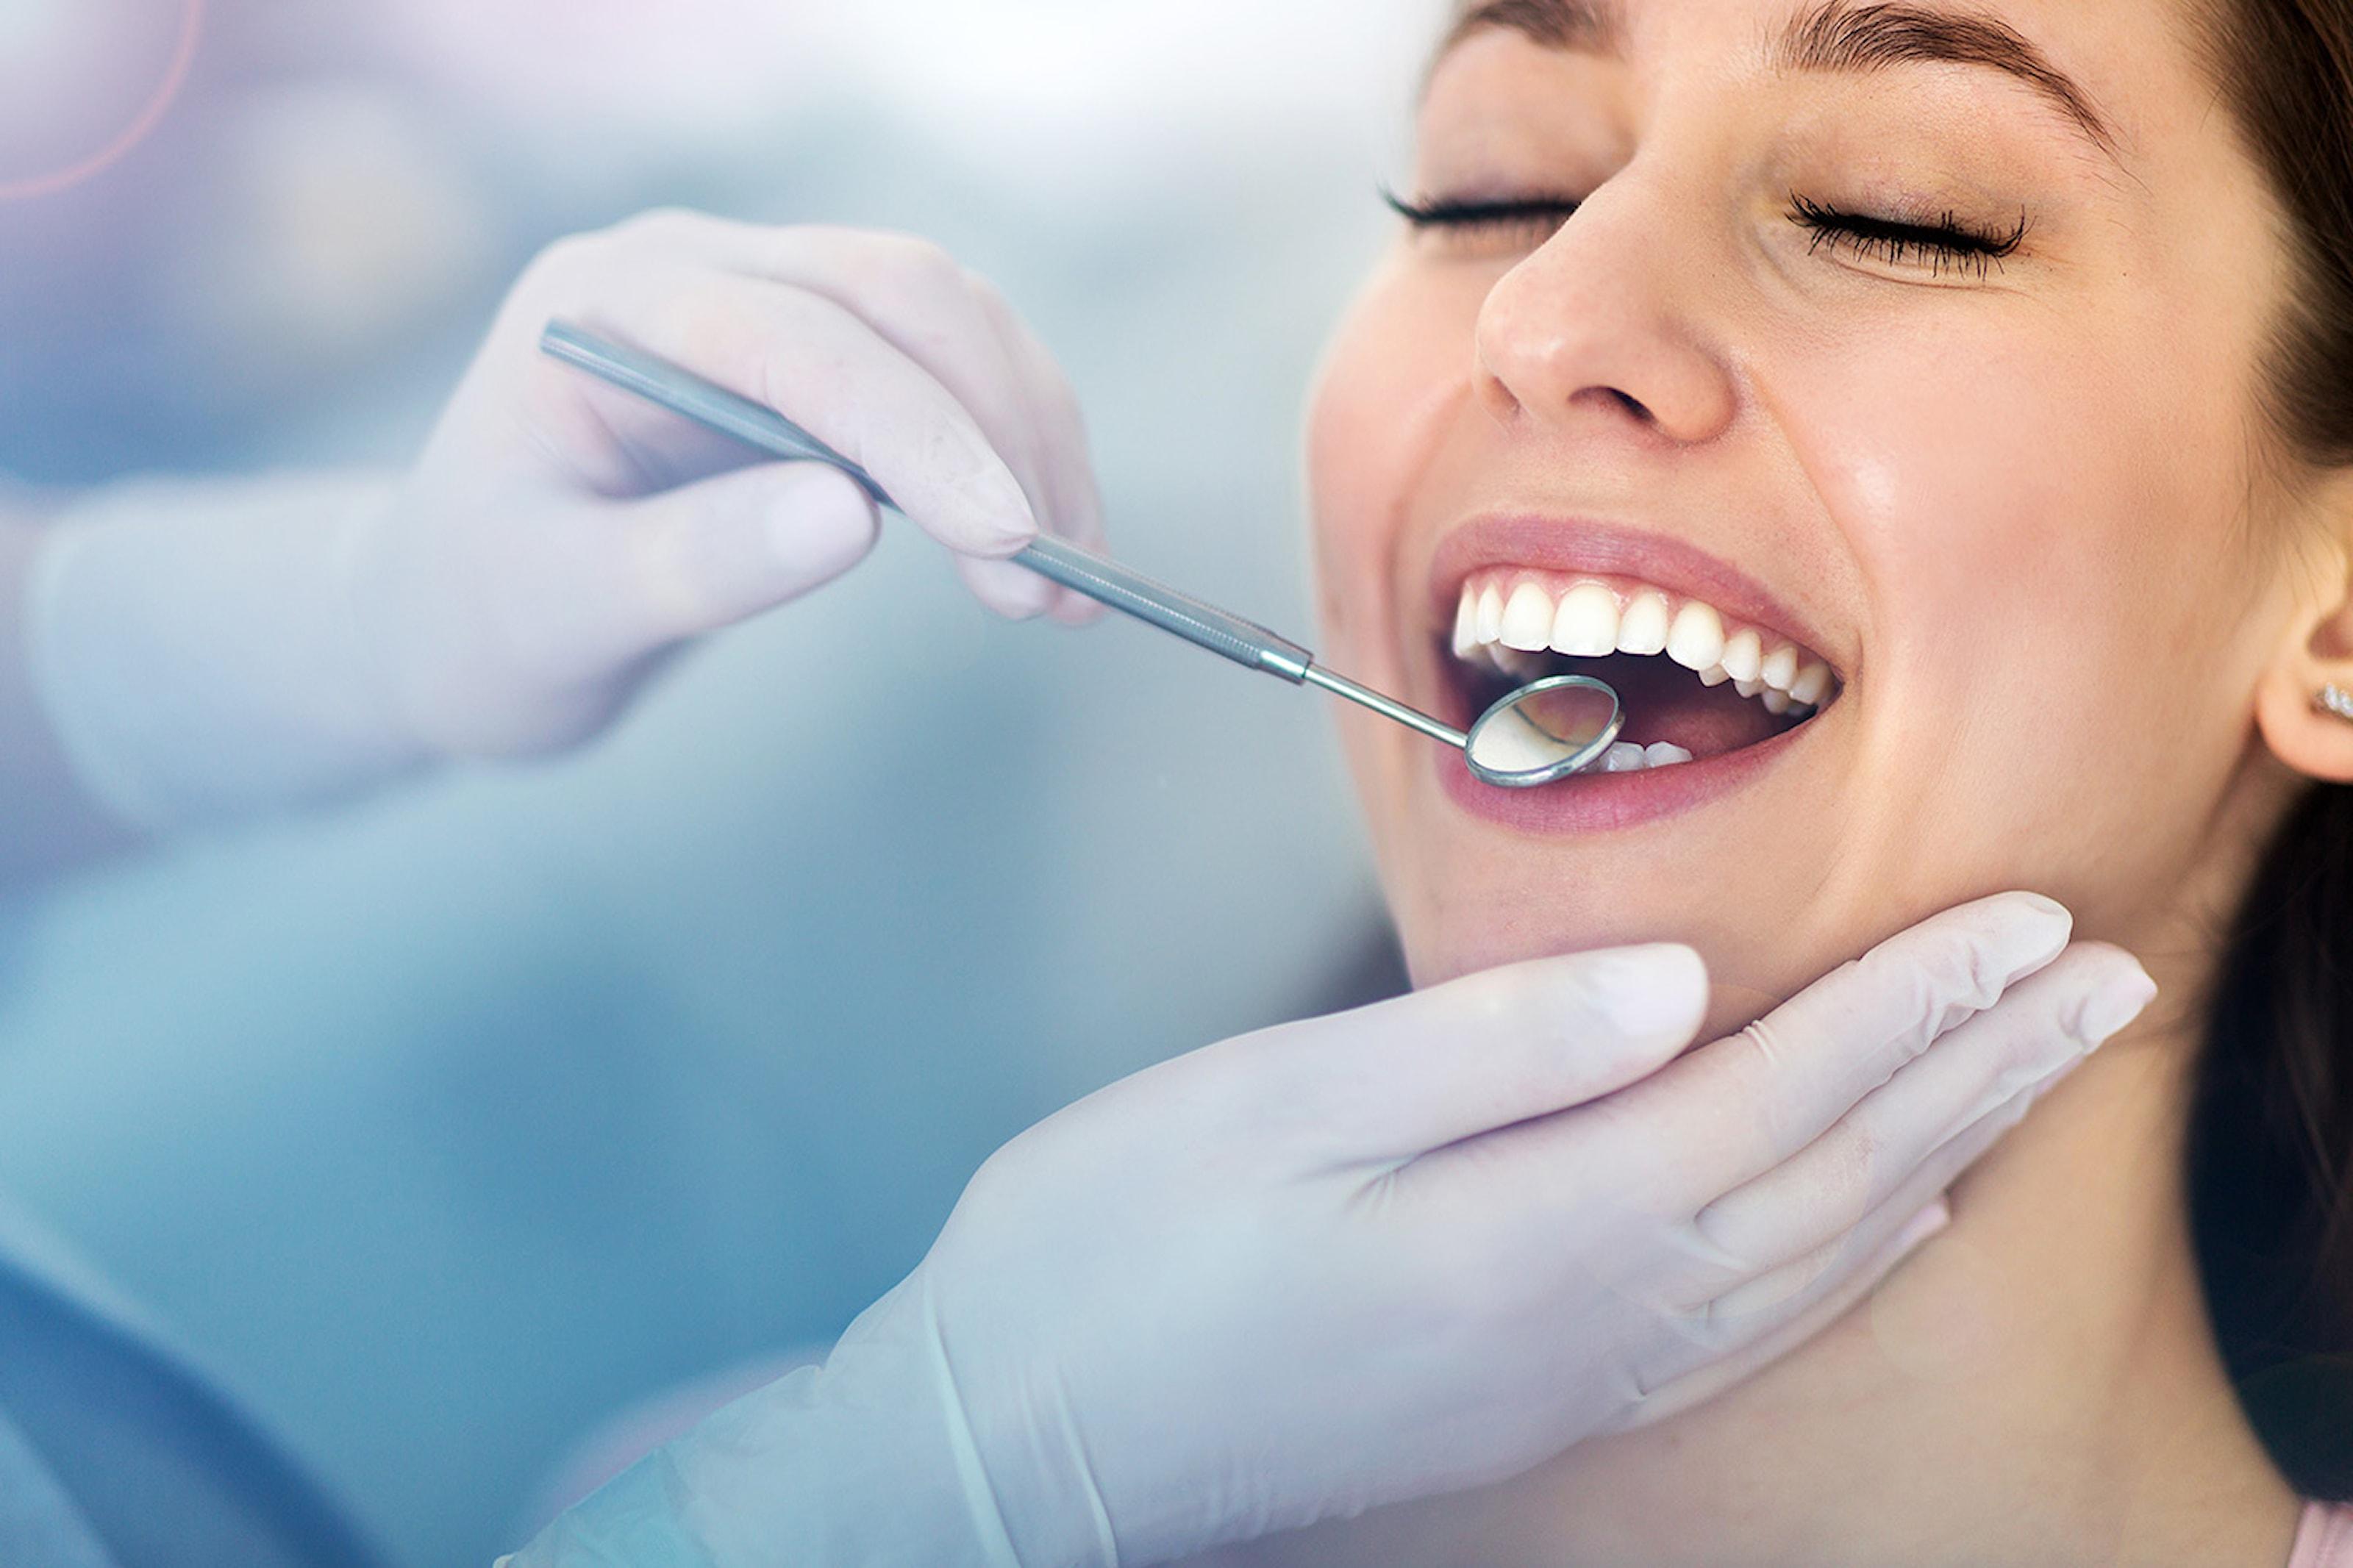 Tannundersøkelse med mer hos Rommen Tannlegesenter